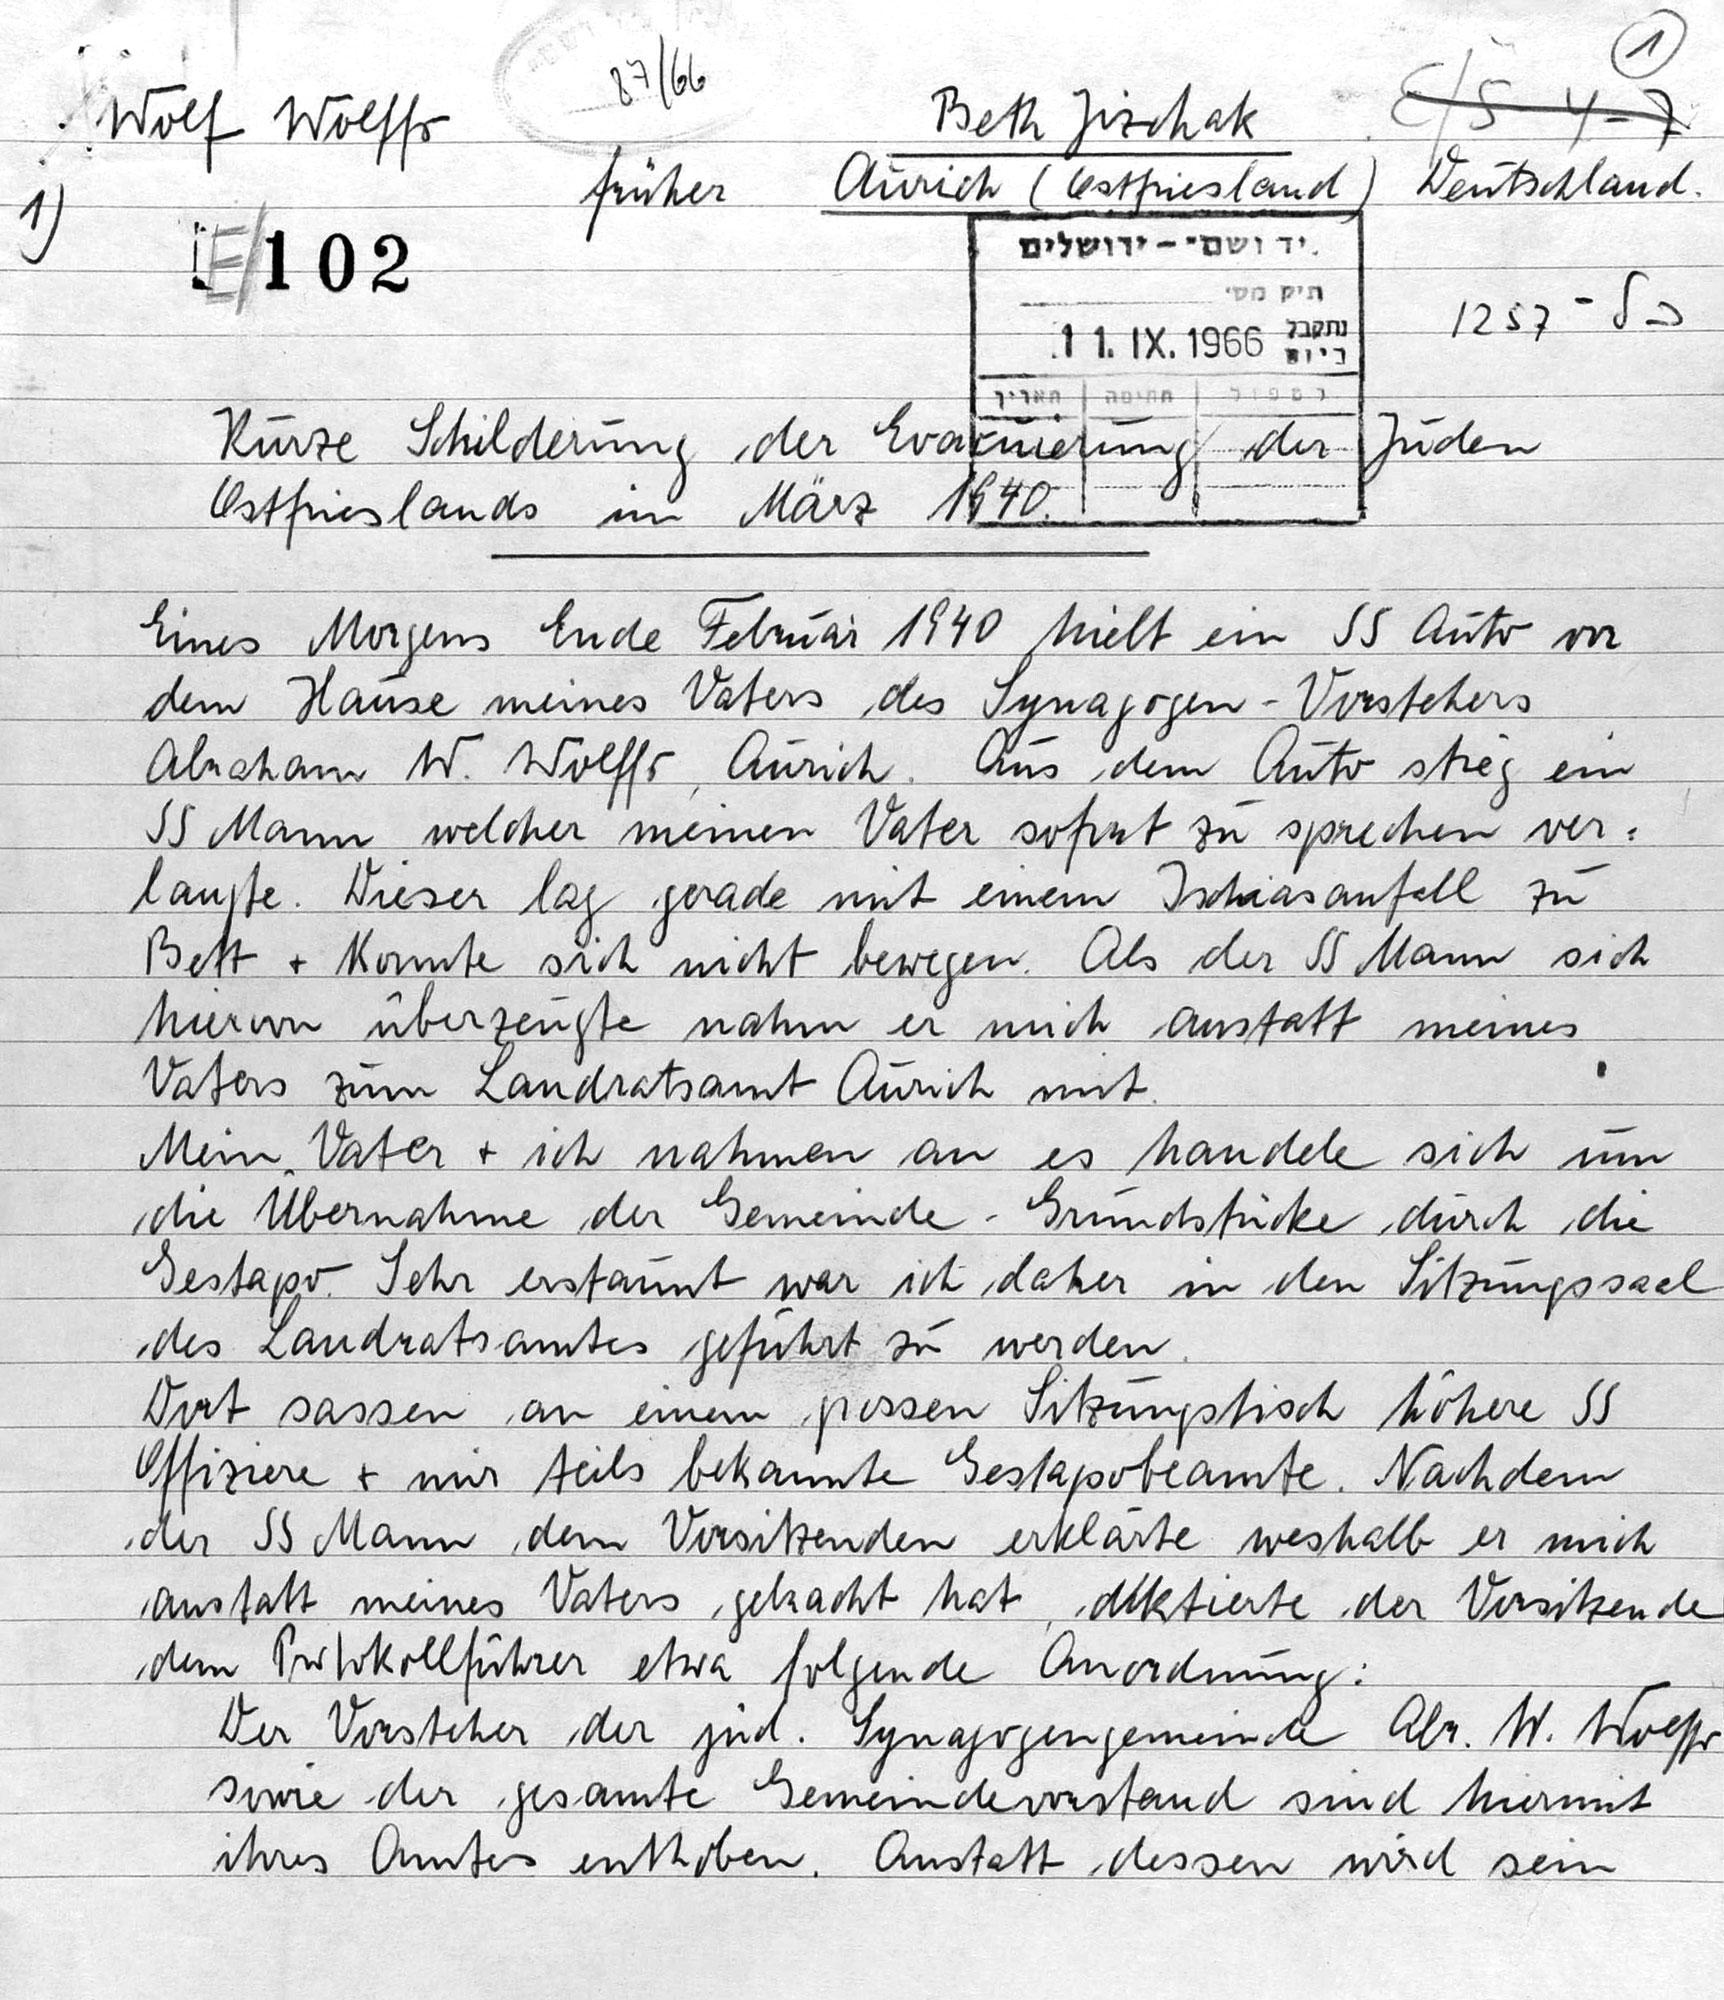 Bericht von 1966 von Wolffs über die Vorgänge von 1940. Er erinnert sich an den Beginn im Februar, tatsächlich bekam er den Auftrag zum Wegzug aller Juden bereits im Januar des Jahres.